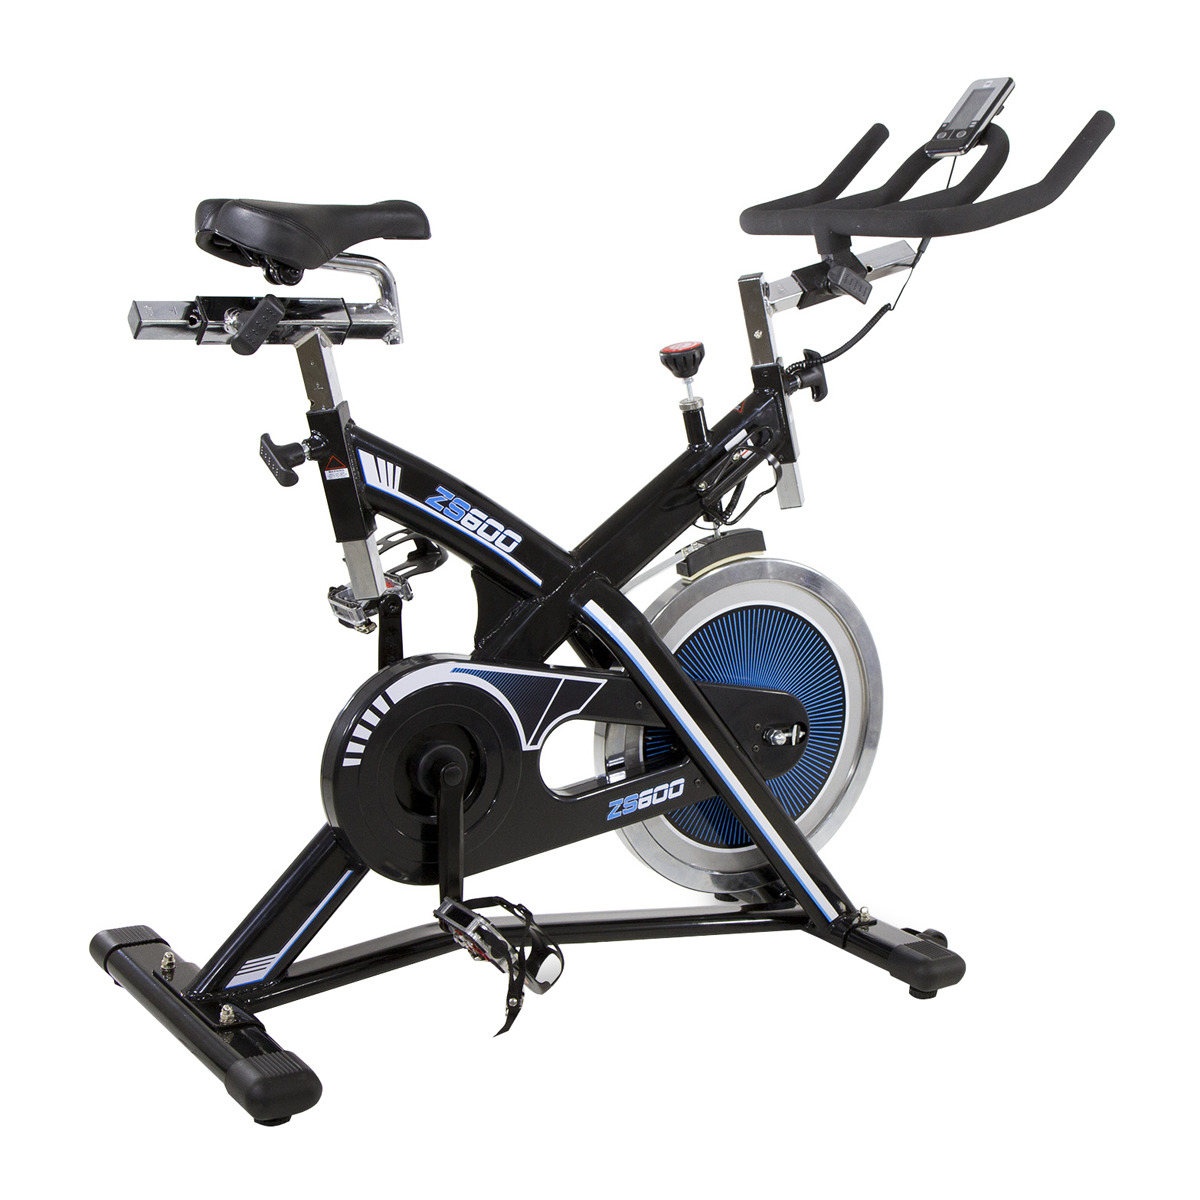 Vélo de Biking Bh fitness ZS 600